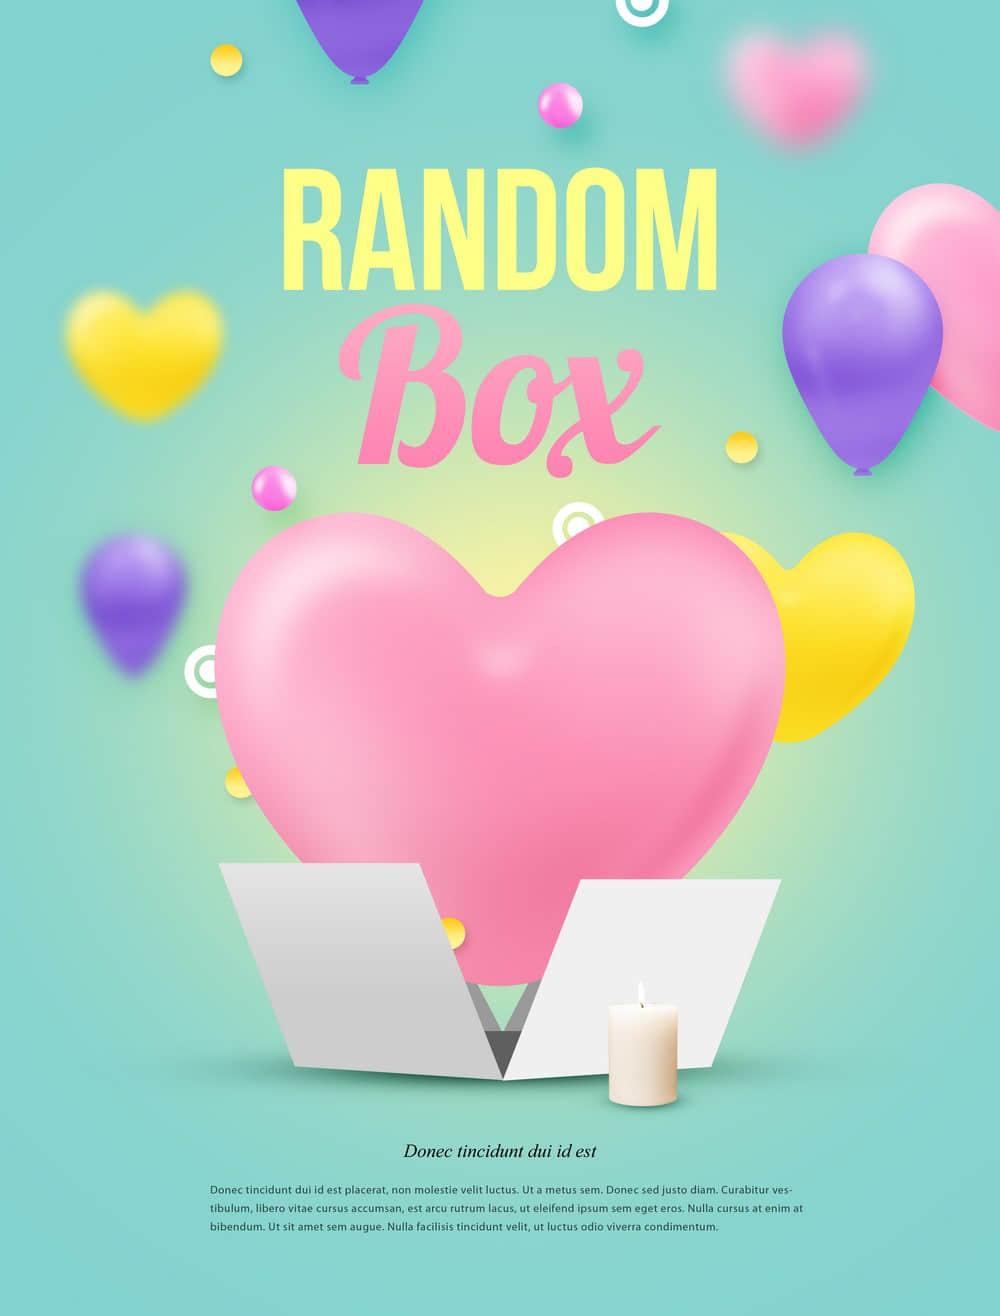 情人节促销海报表白贺卡粉色爱心多彩气球促销海报